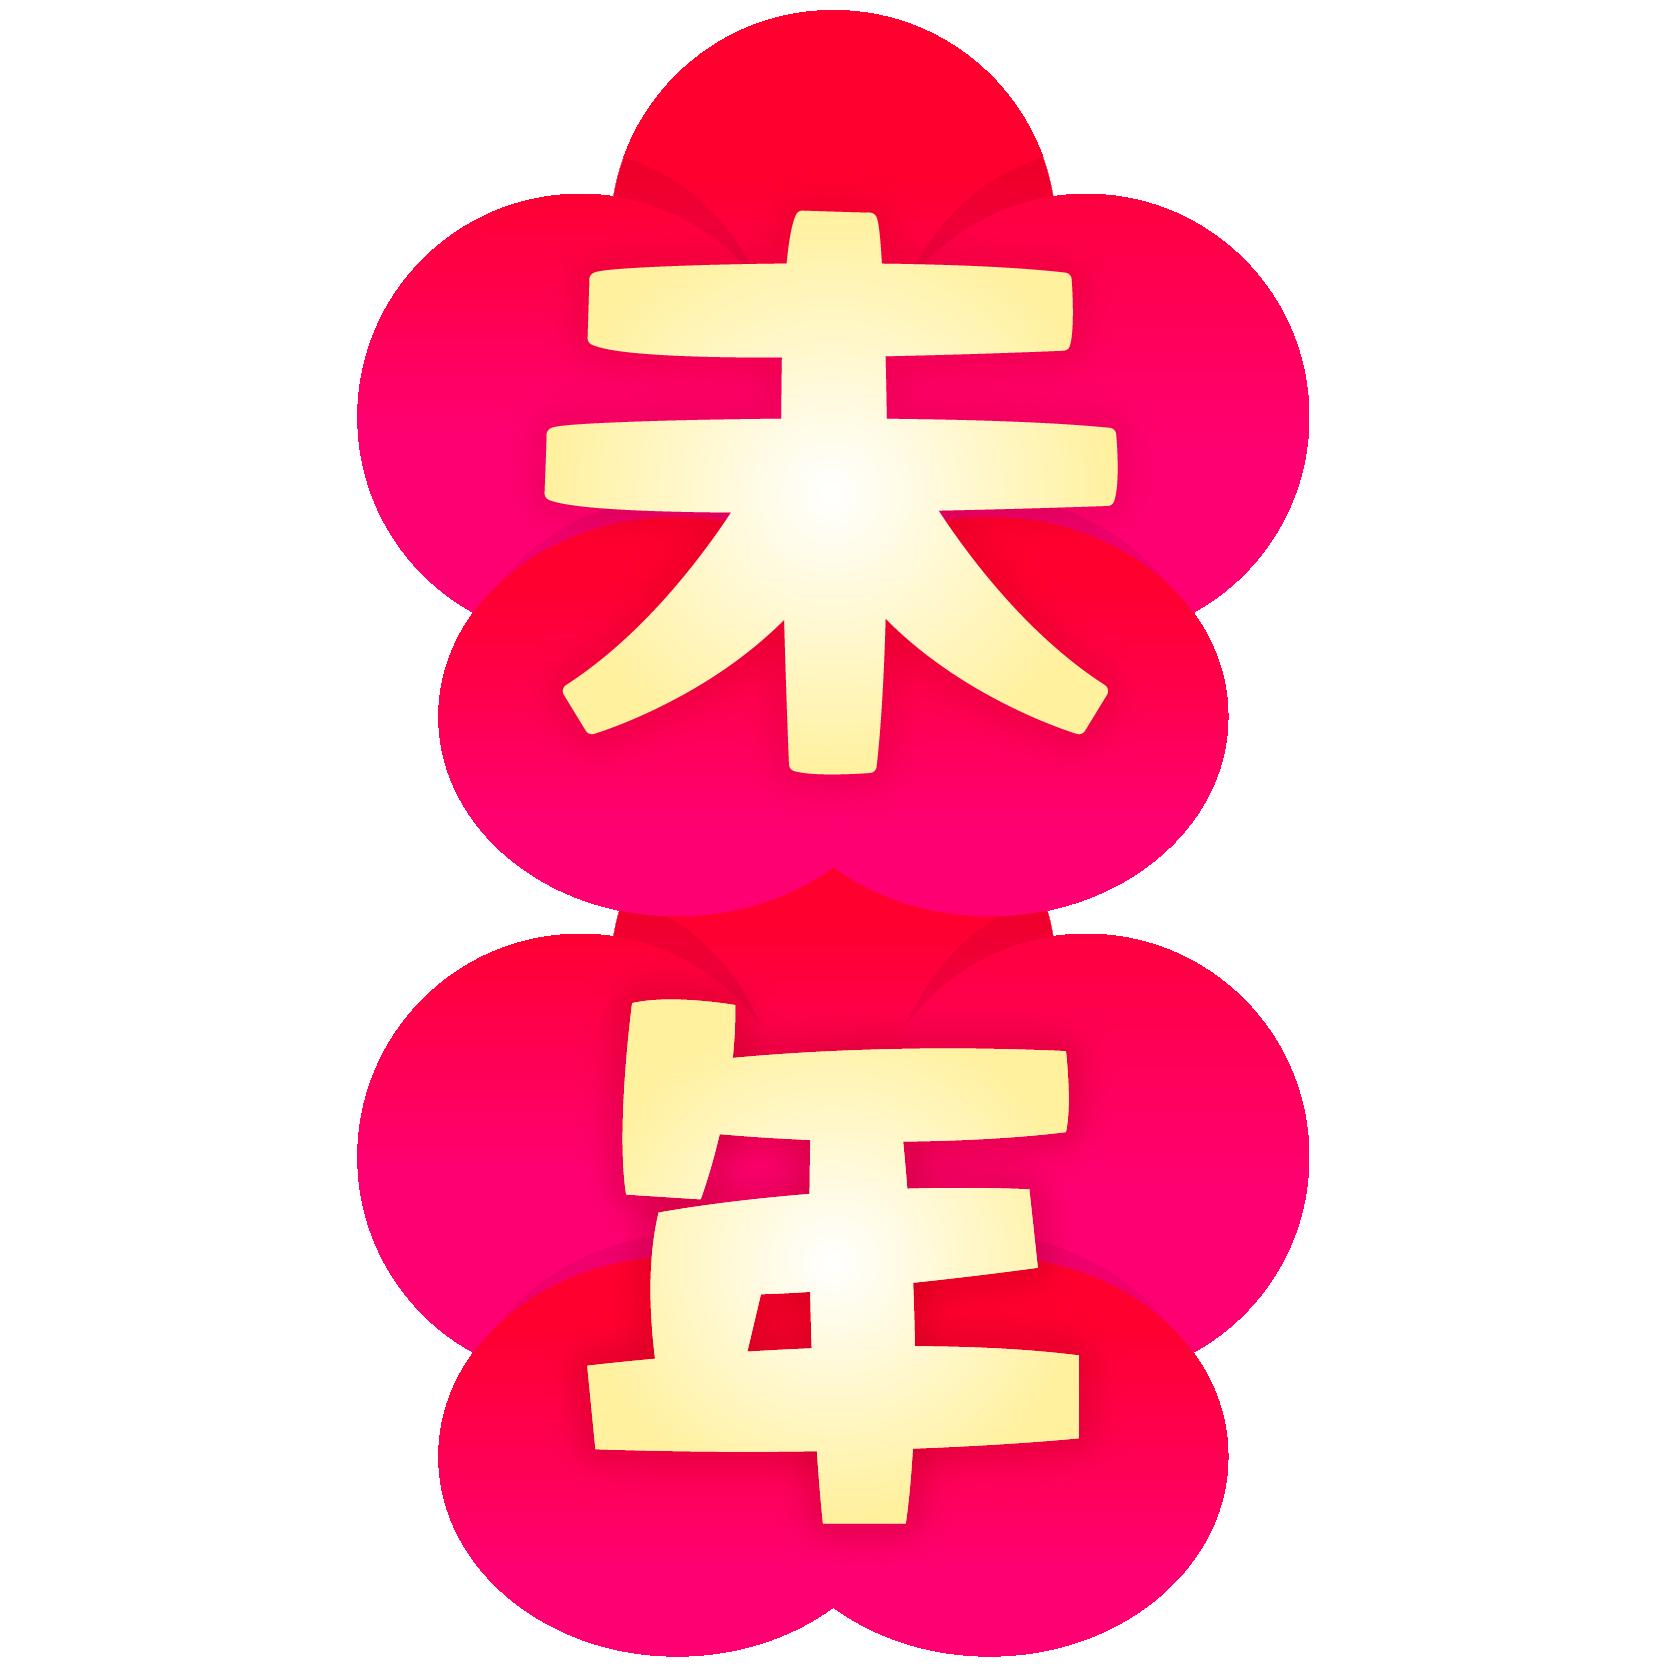 商用フリー・無料イラスト_梅_干支文字_未年(ひつじどし)_hitsujidoshi002